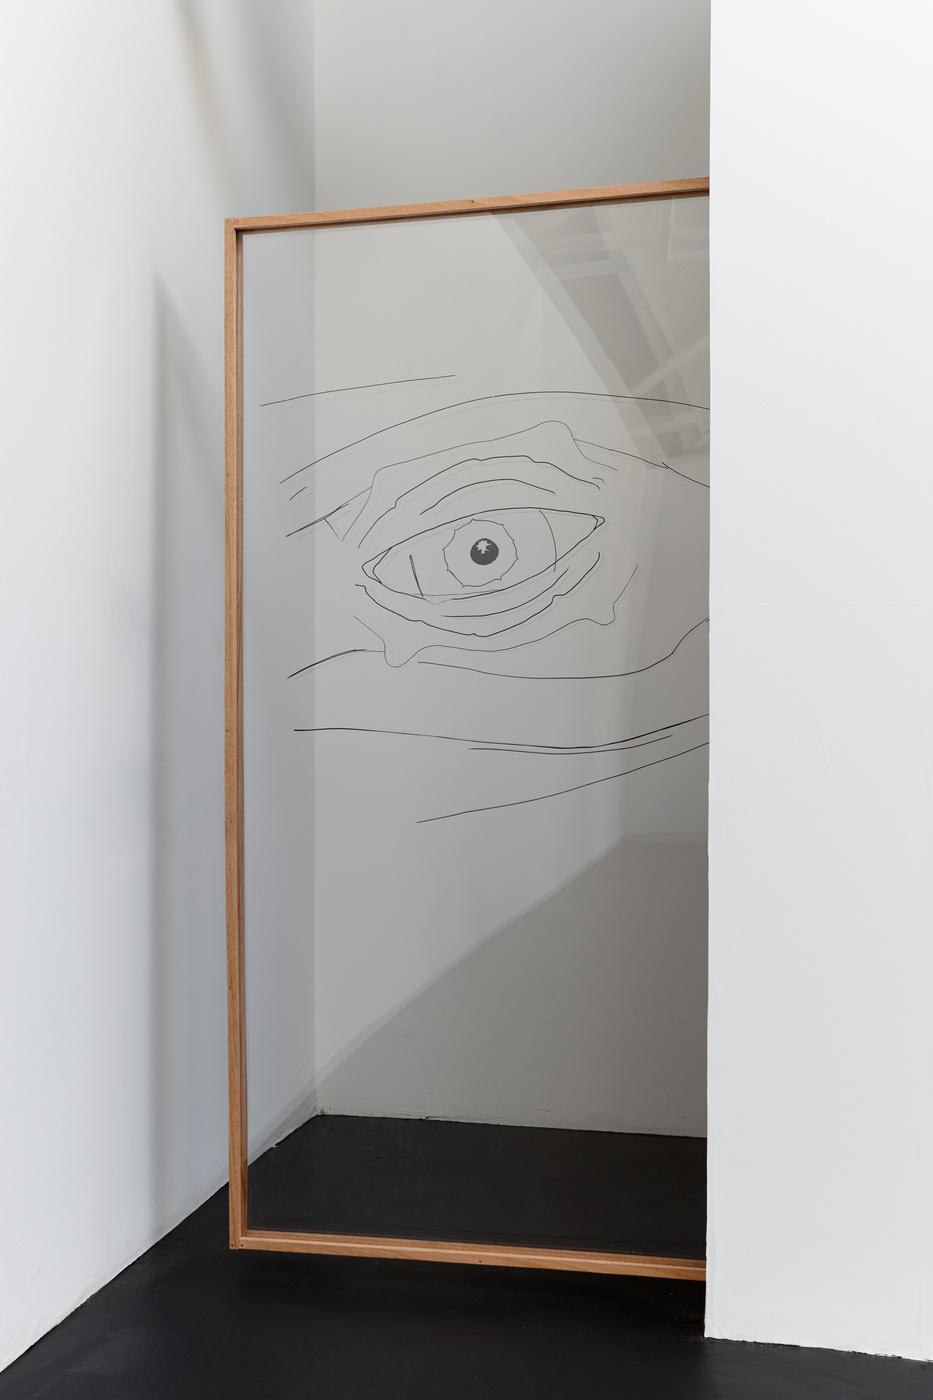 02. Bernhard Hegglin - Sliding Door (dreams make flesh), 2016